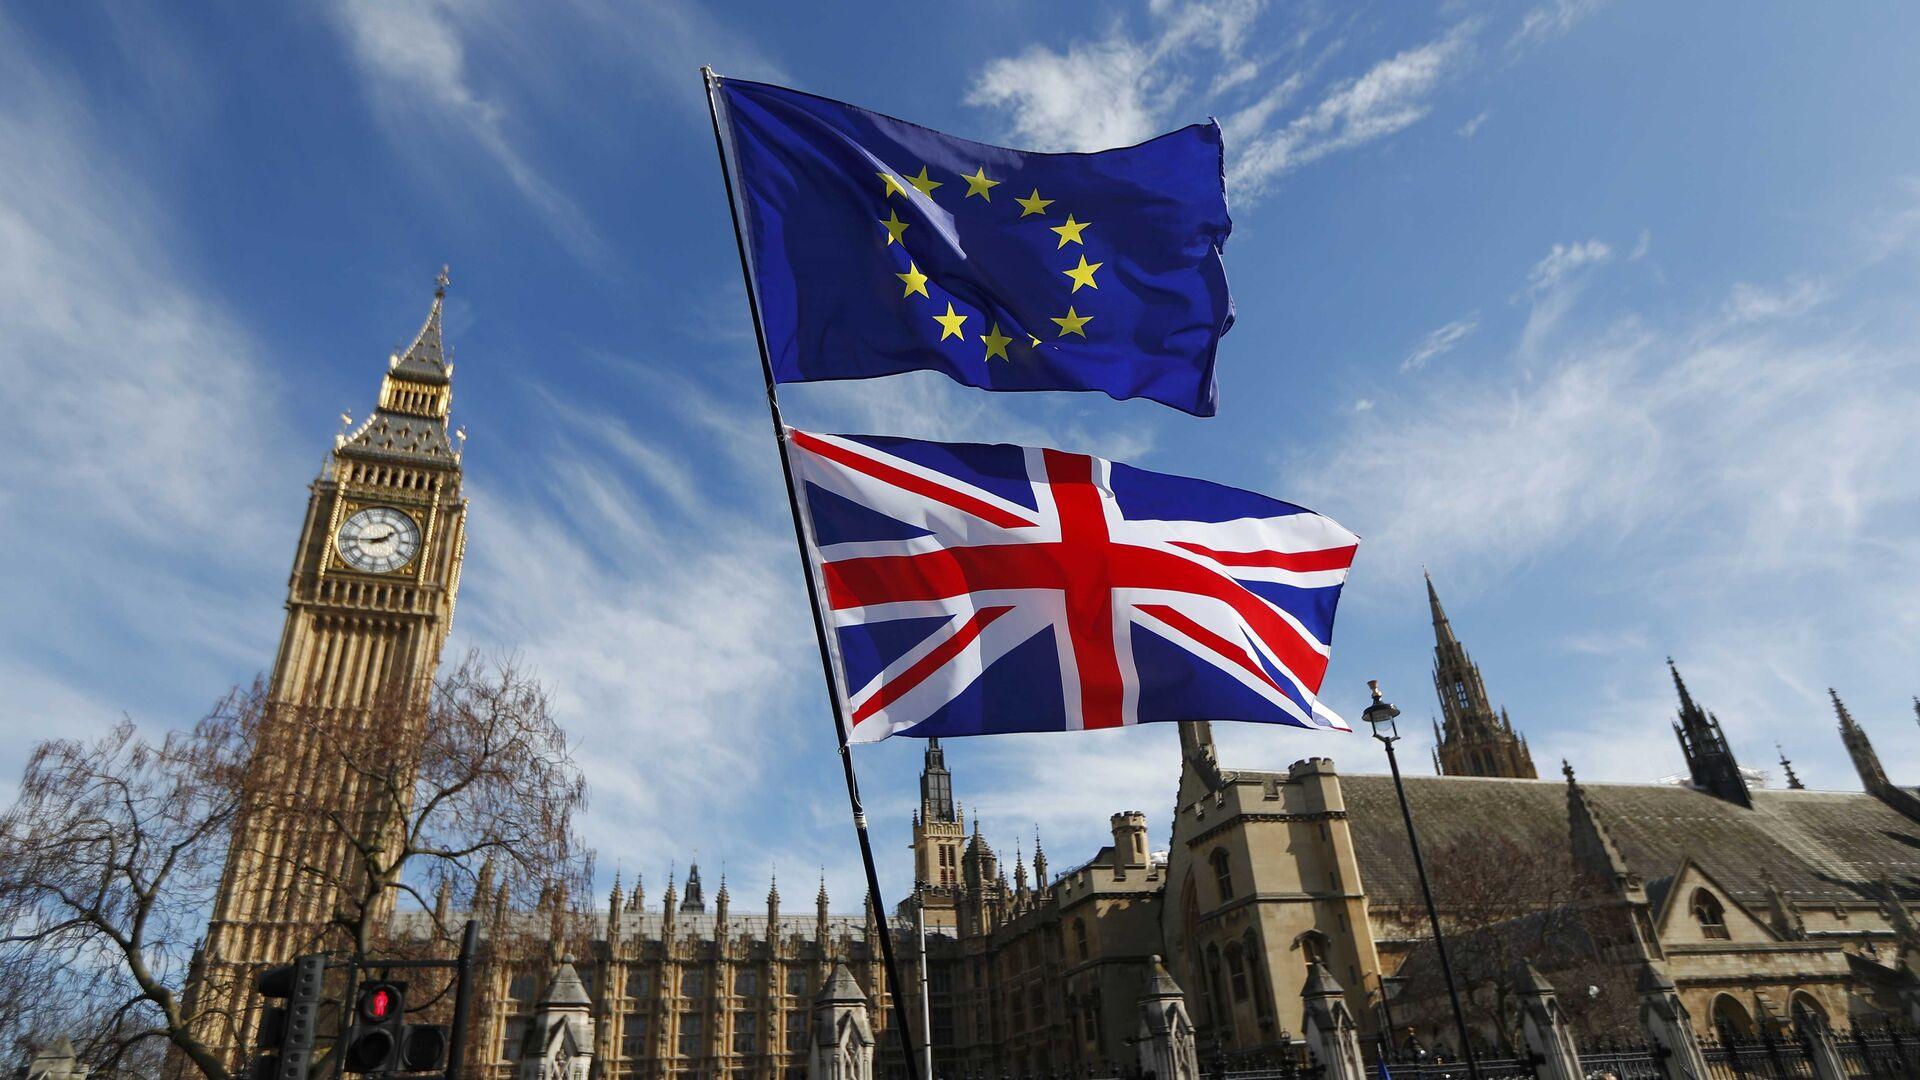 Banderas de Reino Unido y UE - Sputnik Mundo, 1920, 29.04.2021